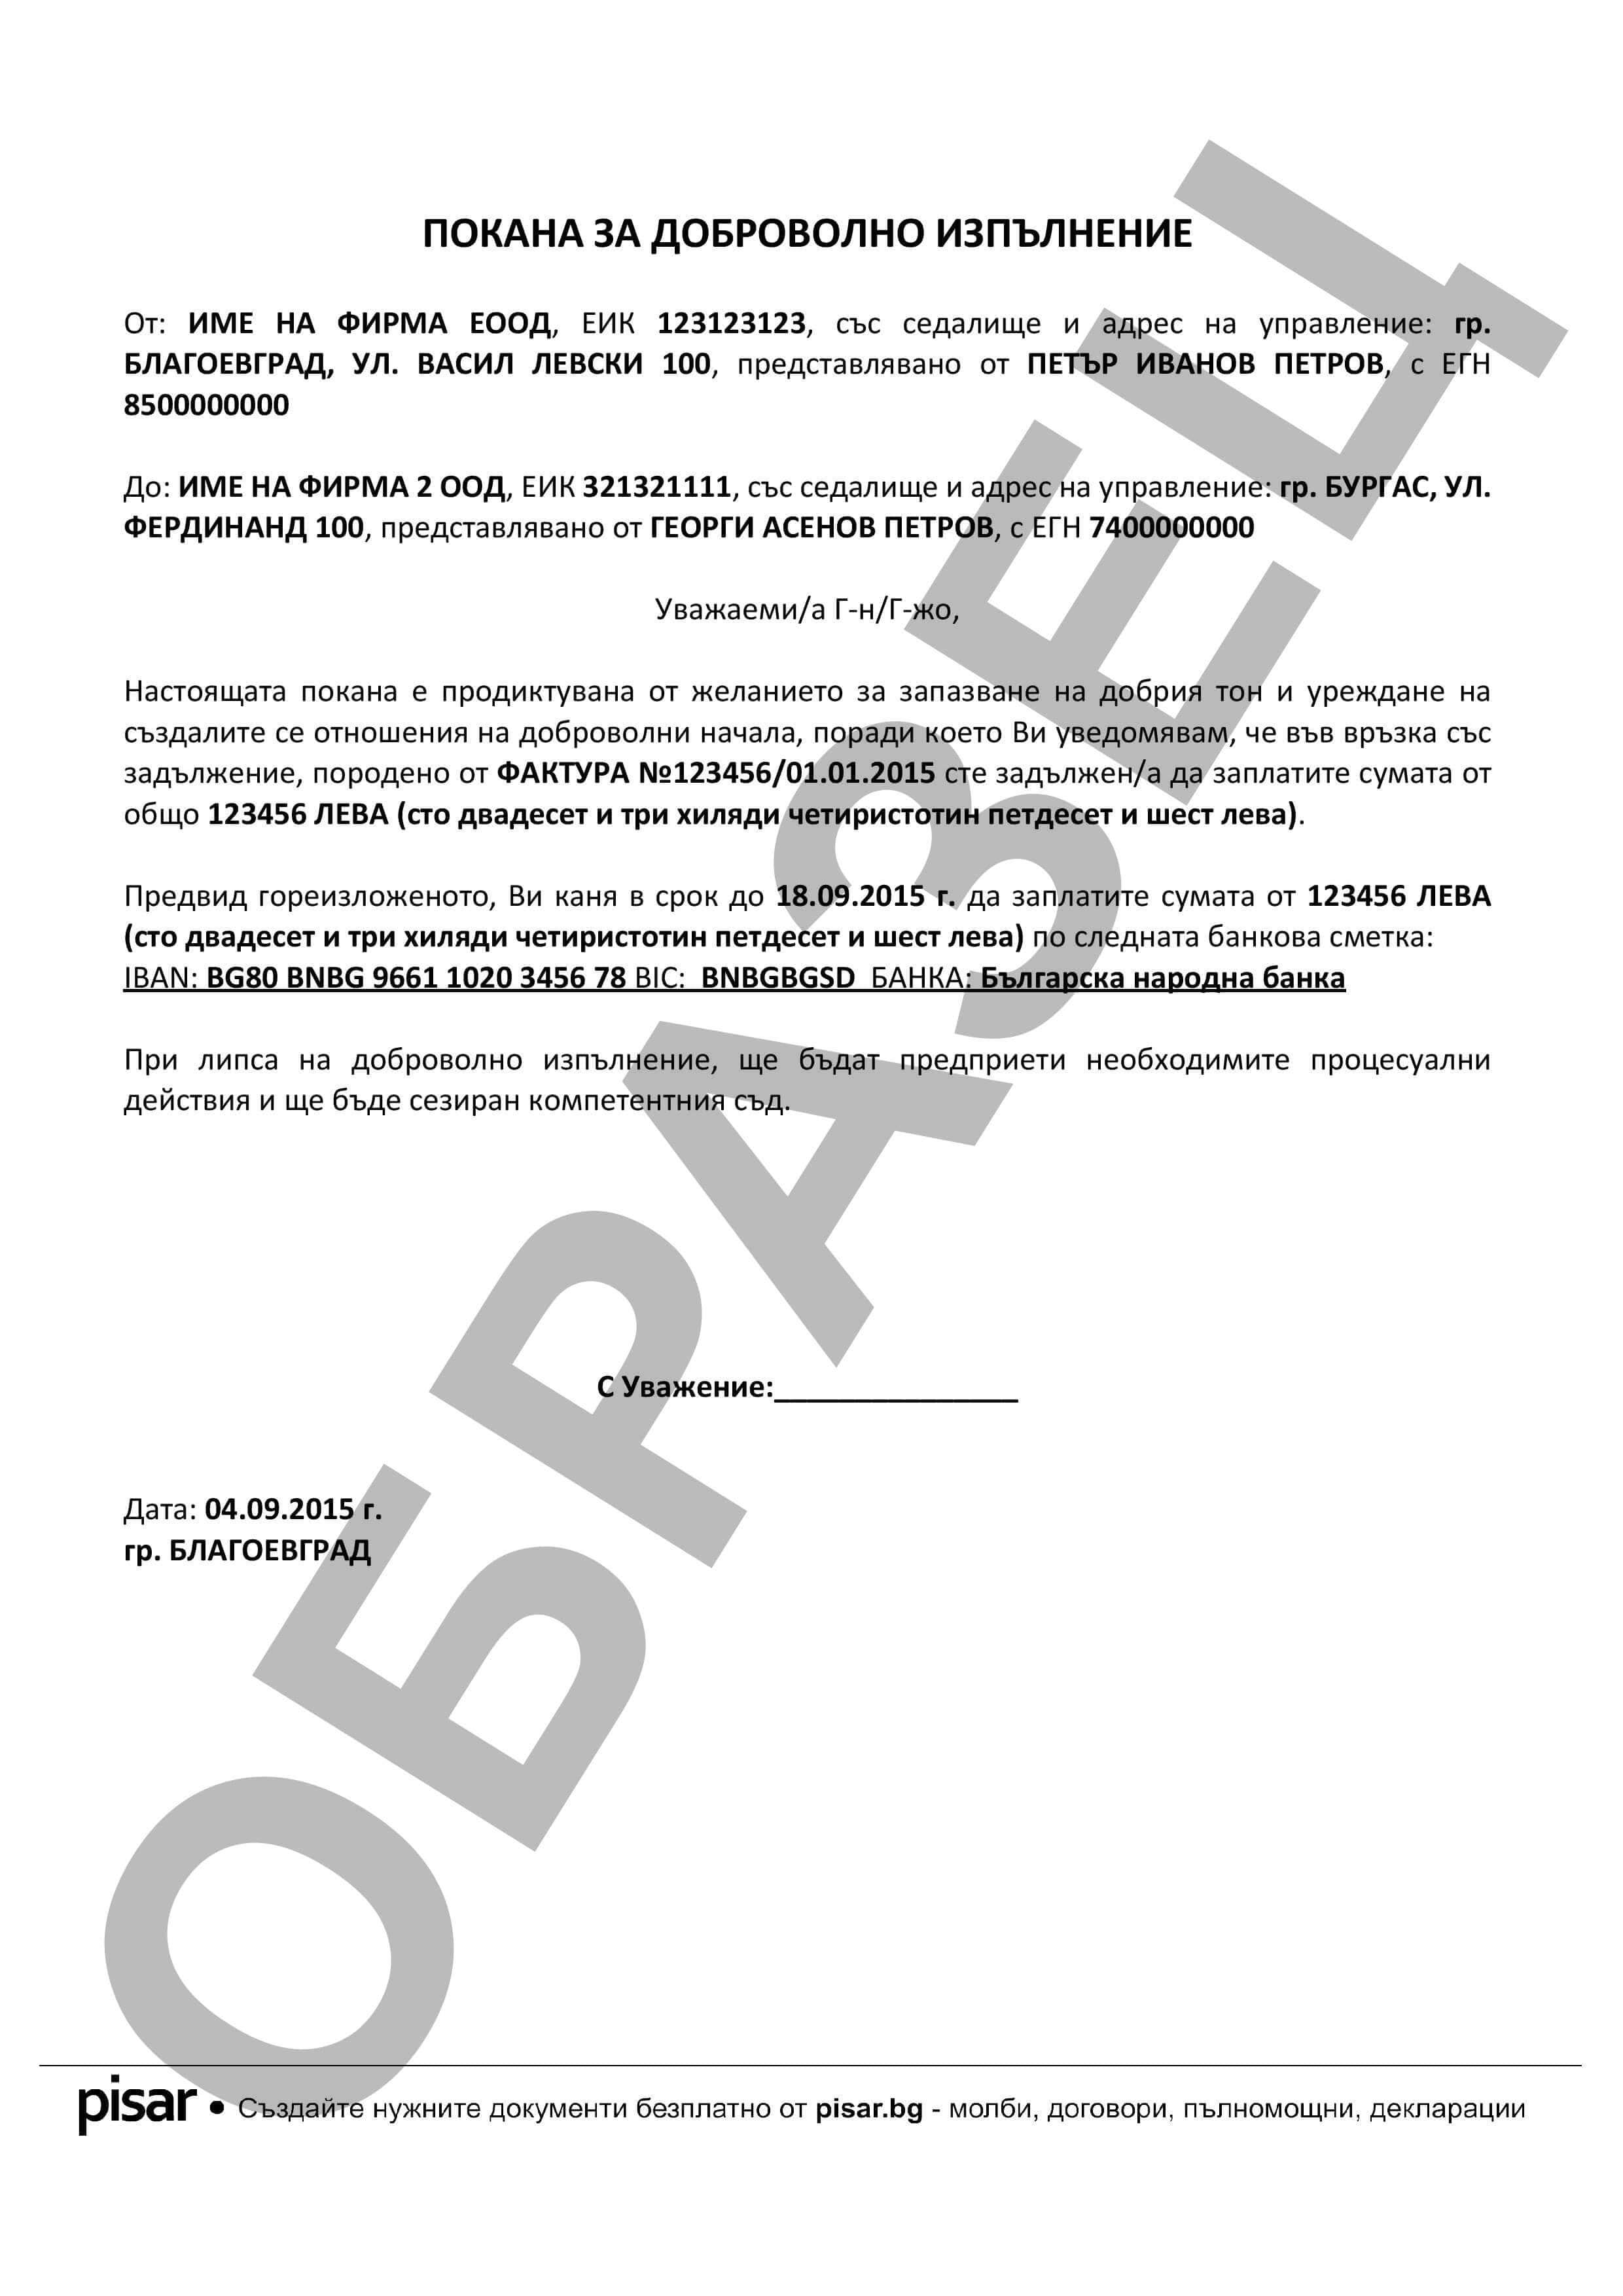 Примерен документ Покана за доброволно изпълнение